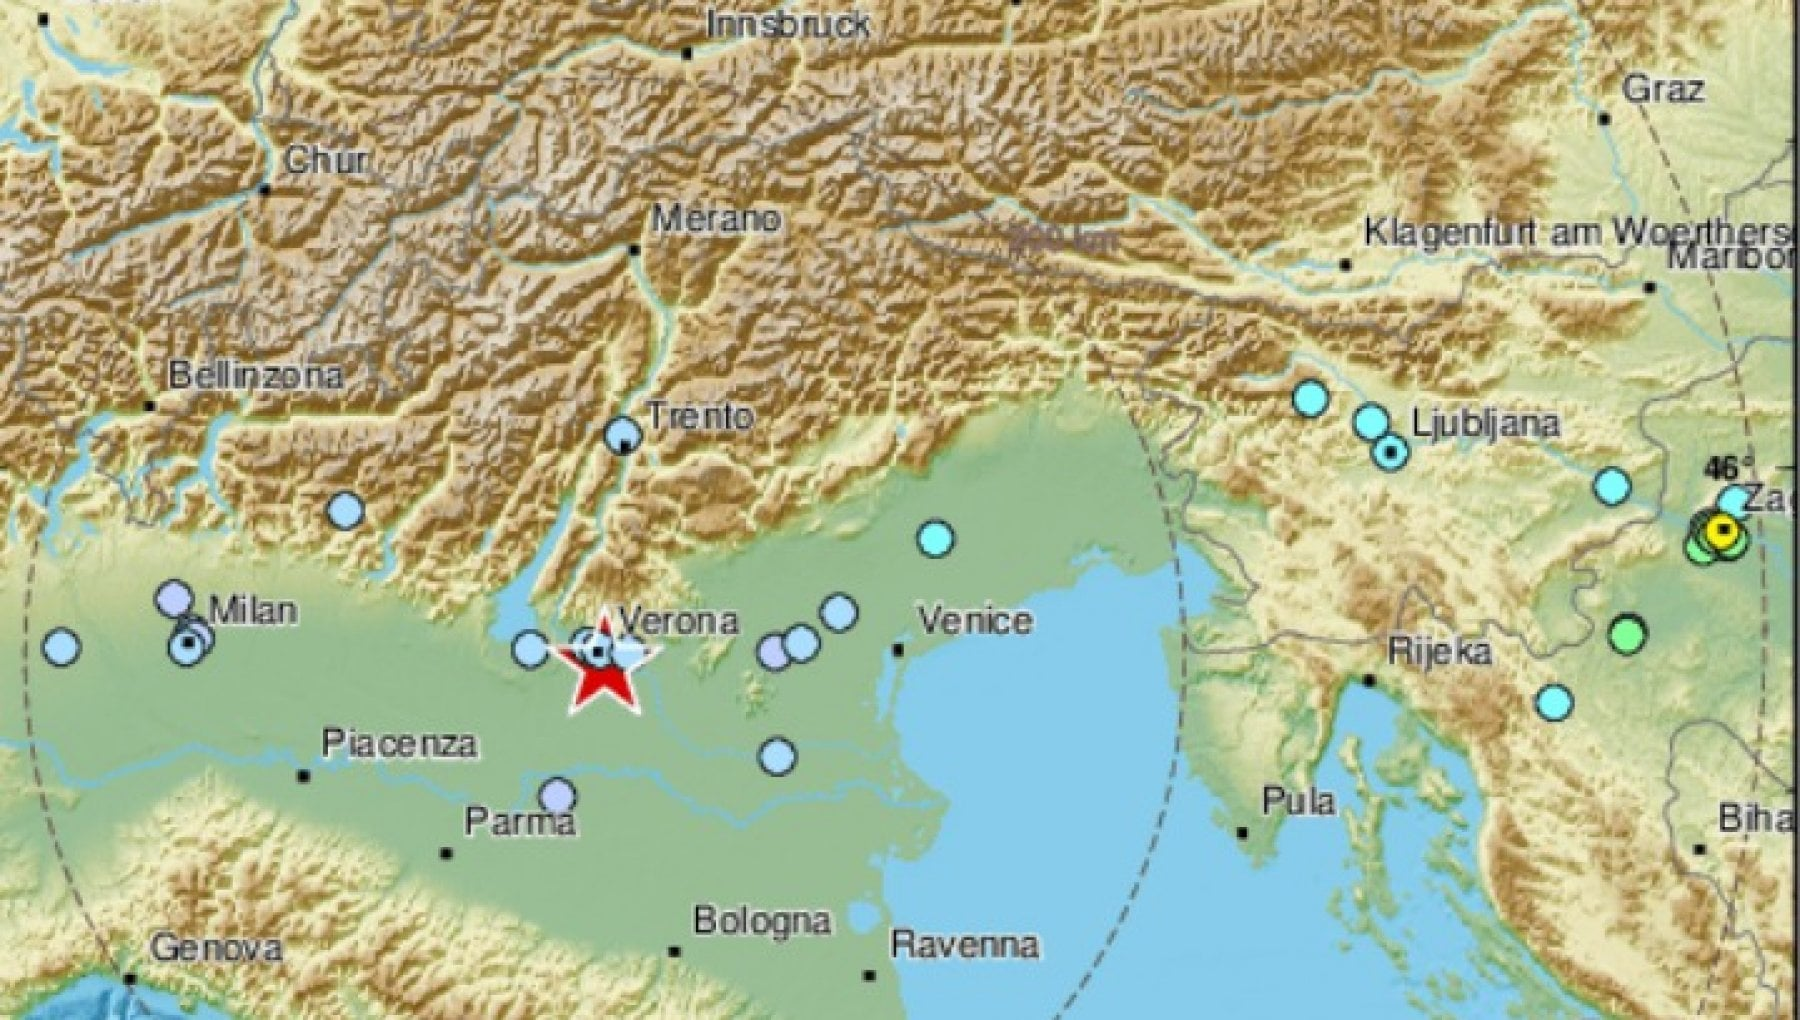 Terremoto tre scosse nel Veronese in meno di due ore la piu forte di magnitudo 4.4